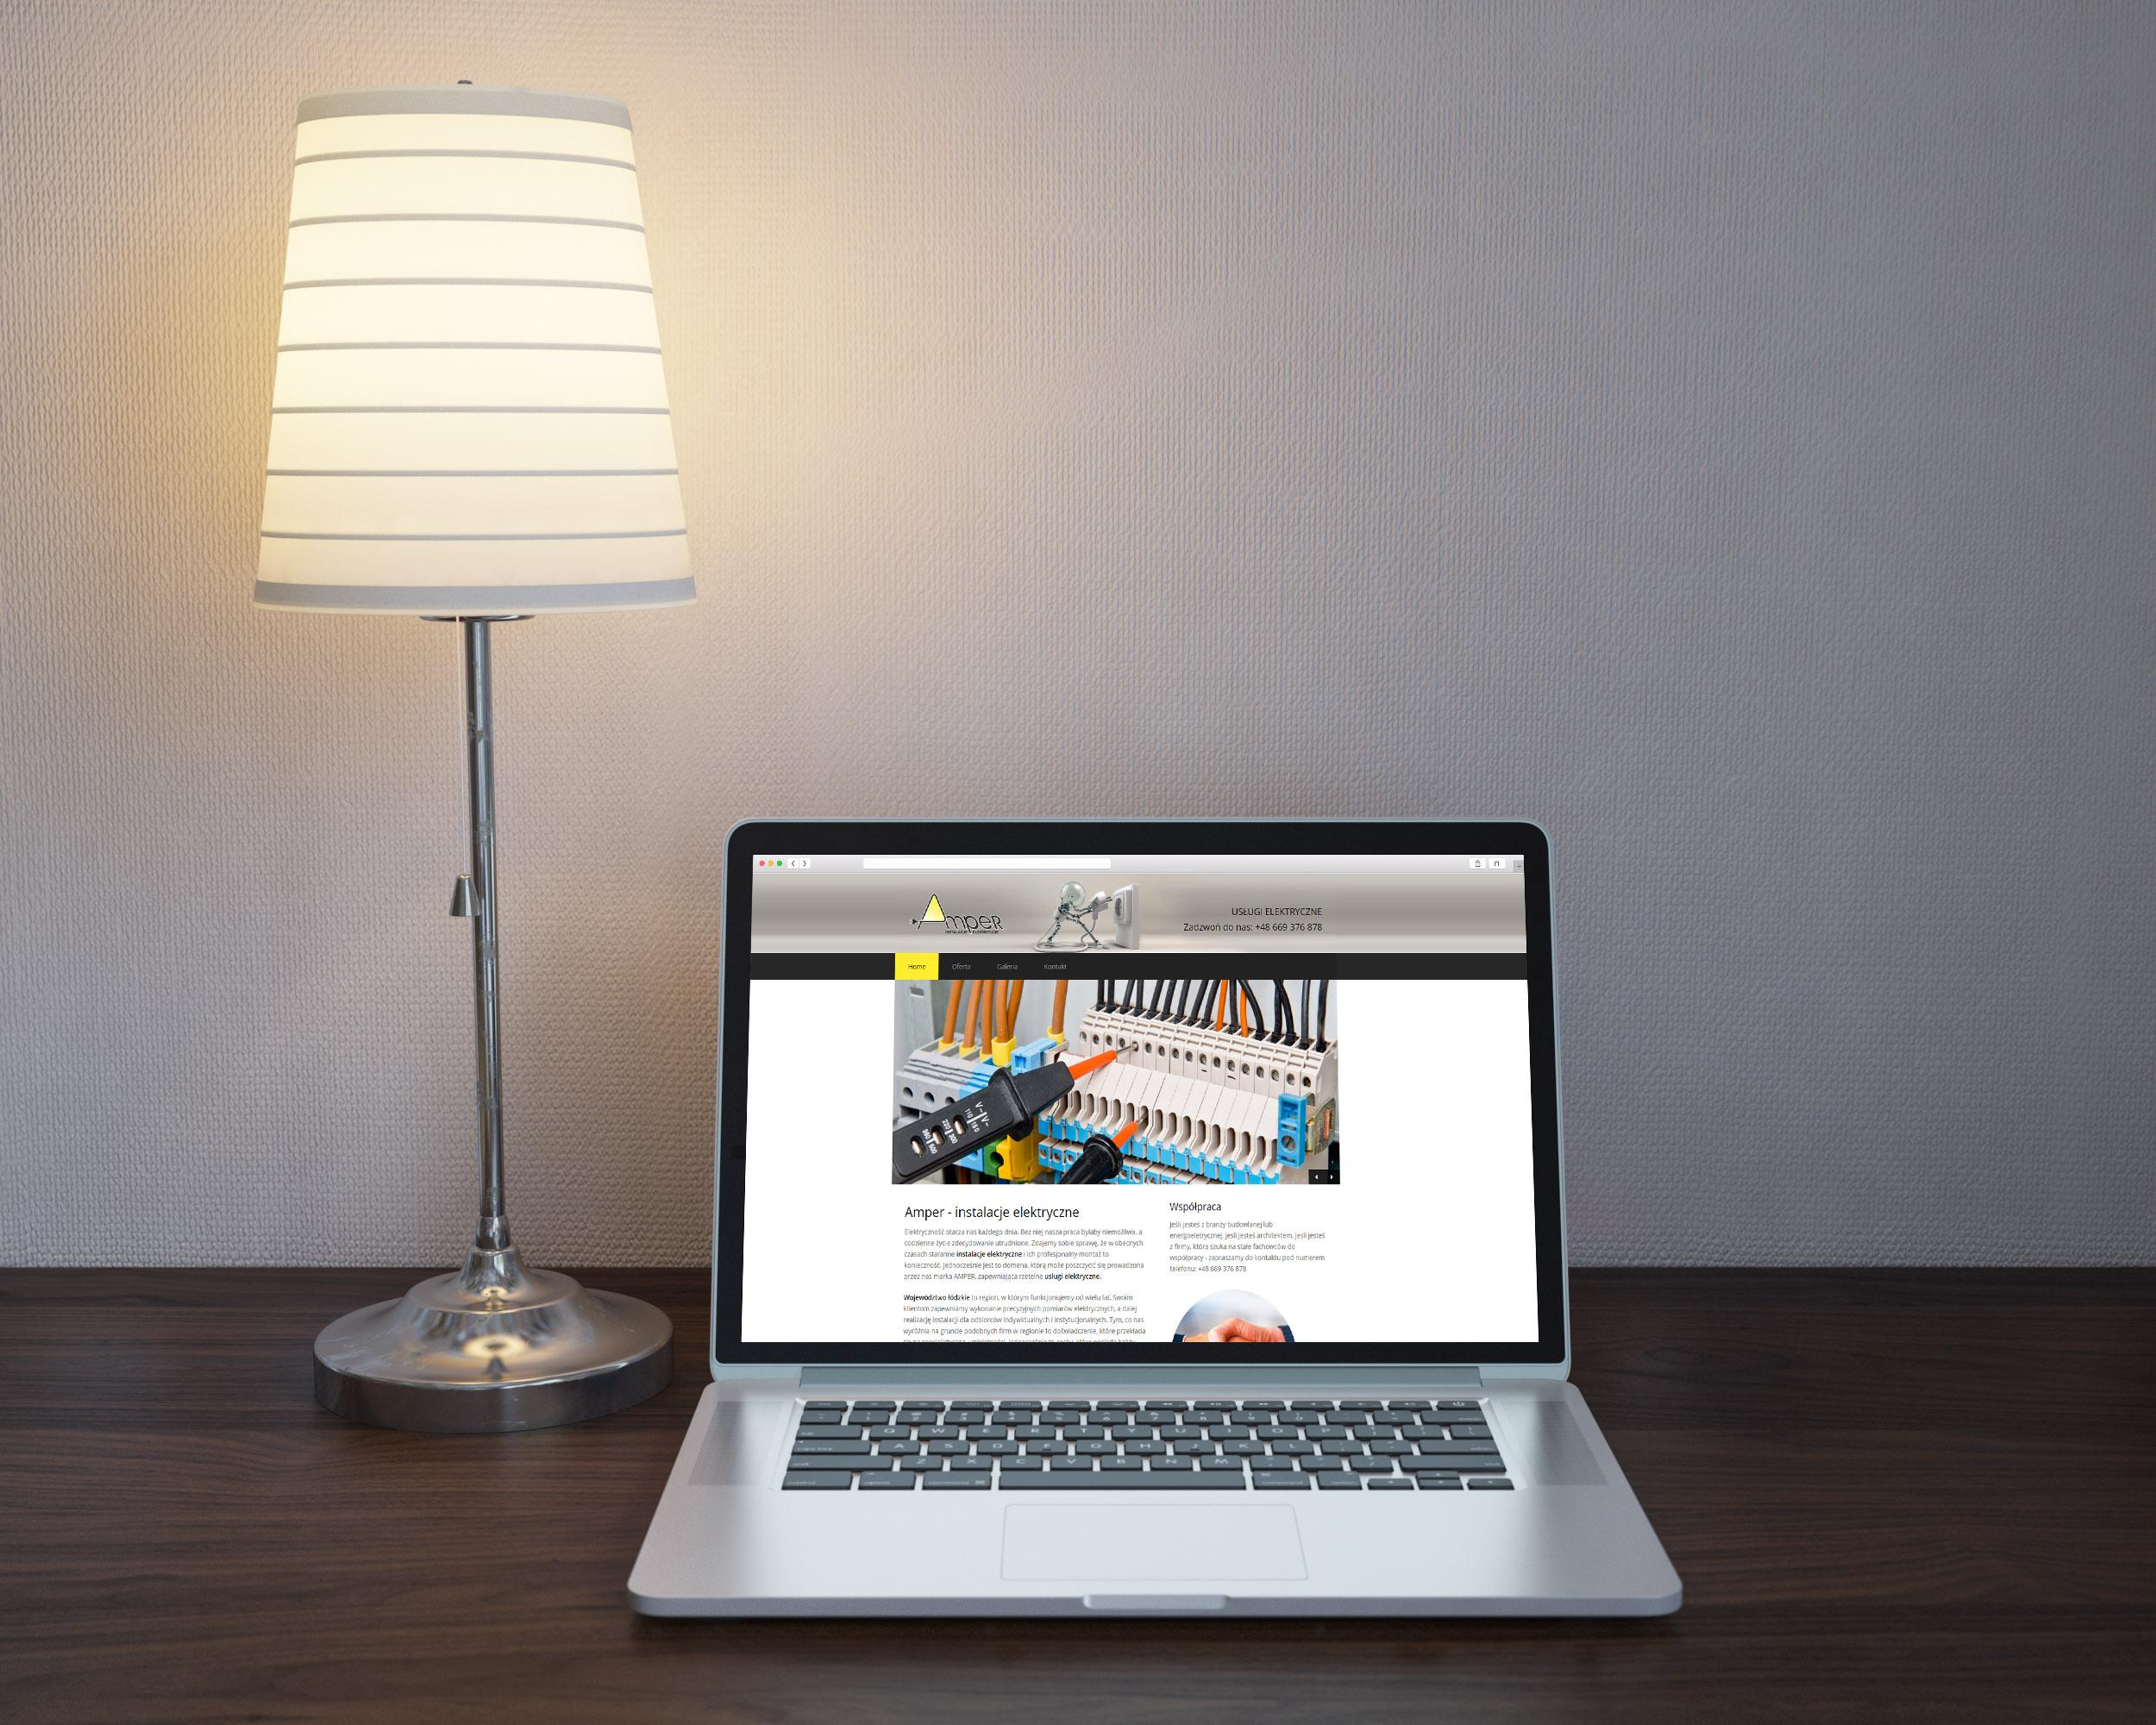 Instalatorstwo elektryczne – Strona internetowa